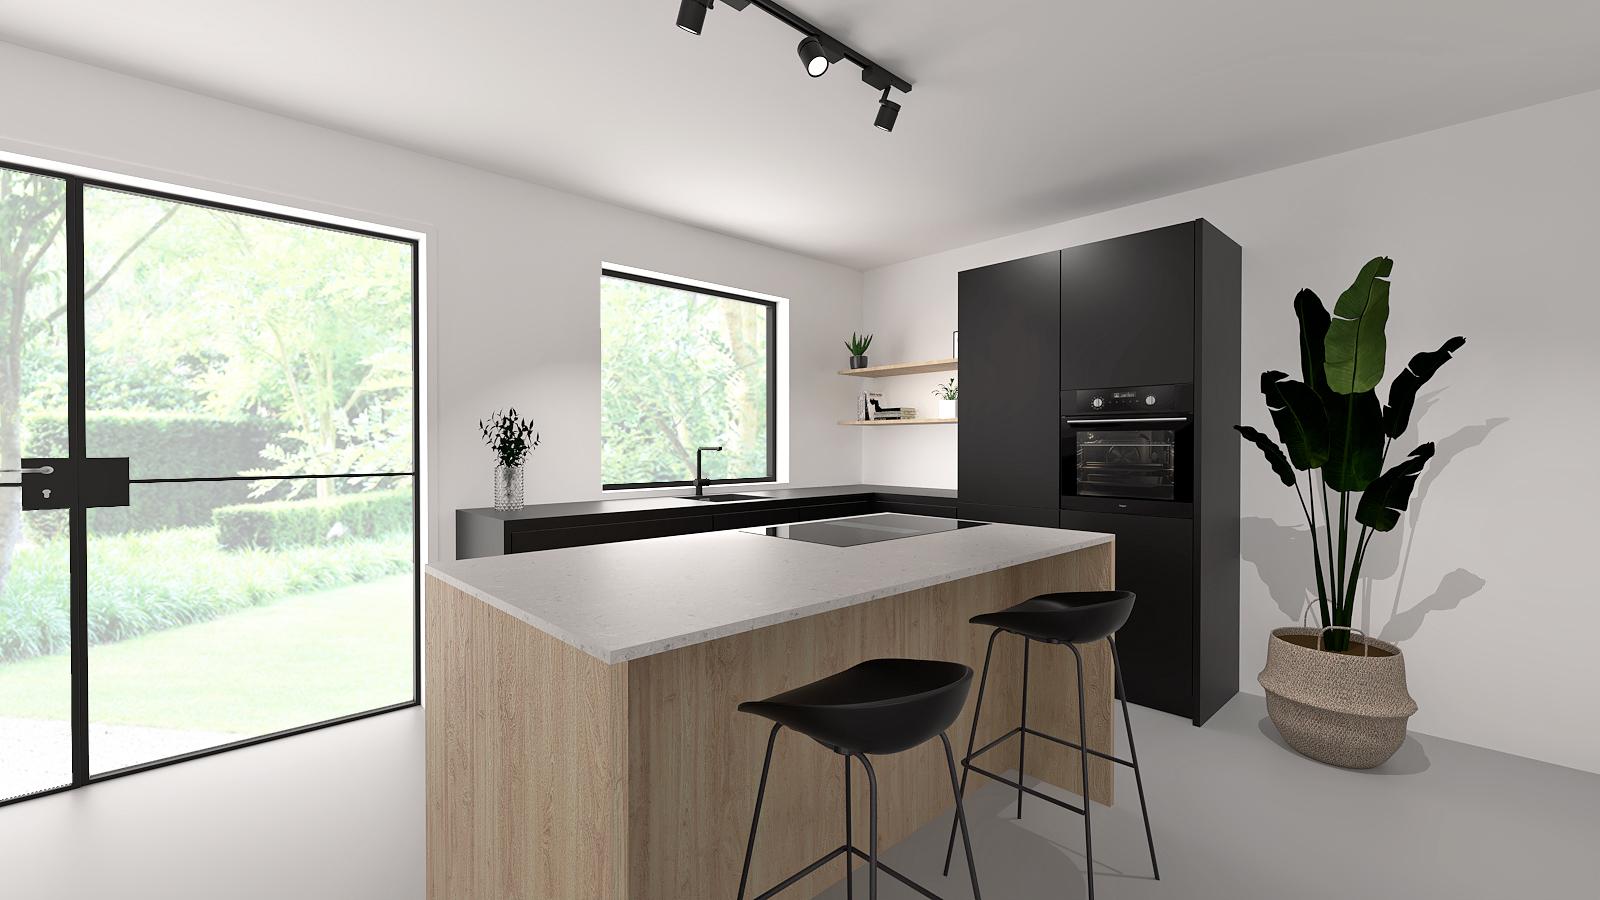 houten-keuken-eiland-zwart